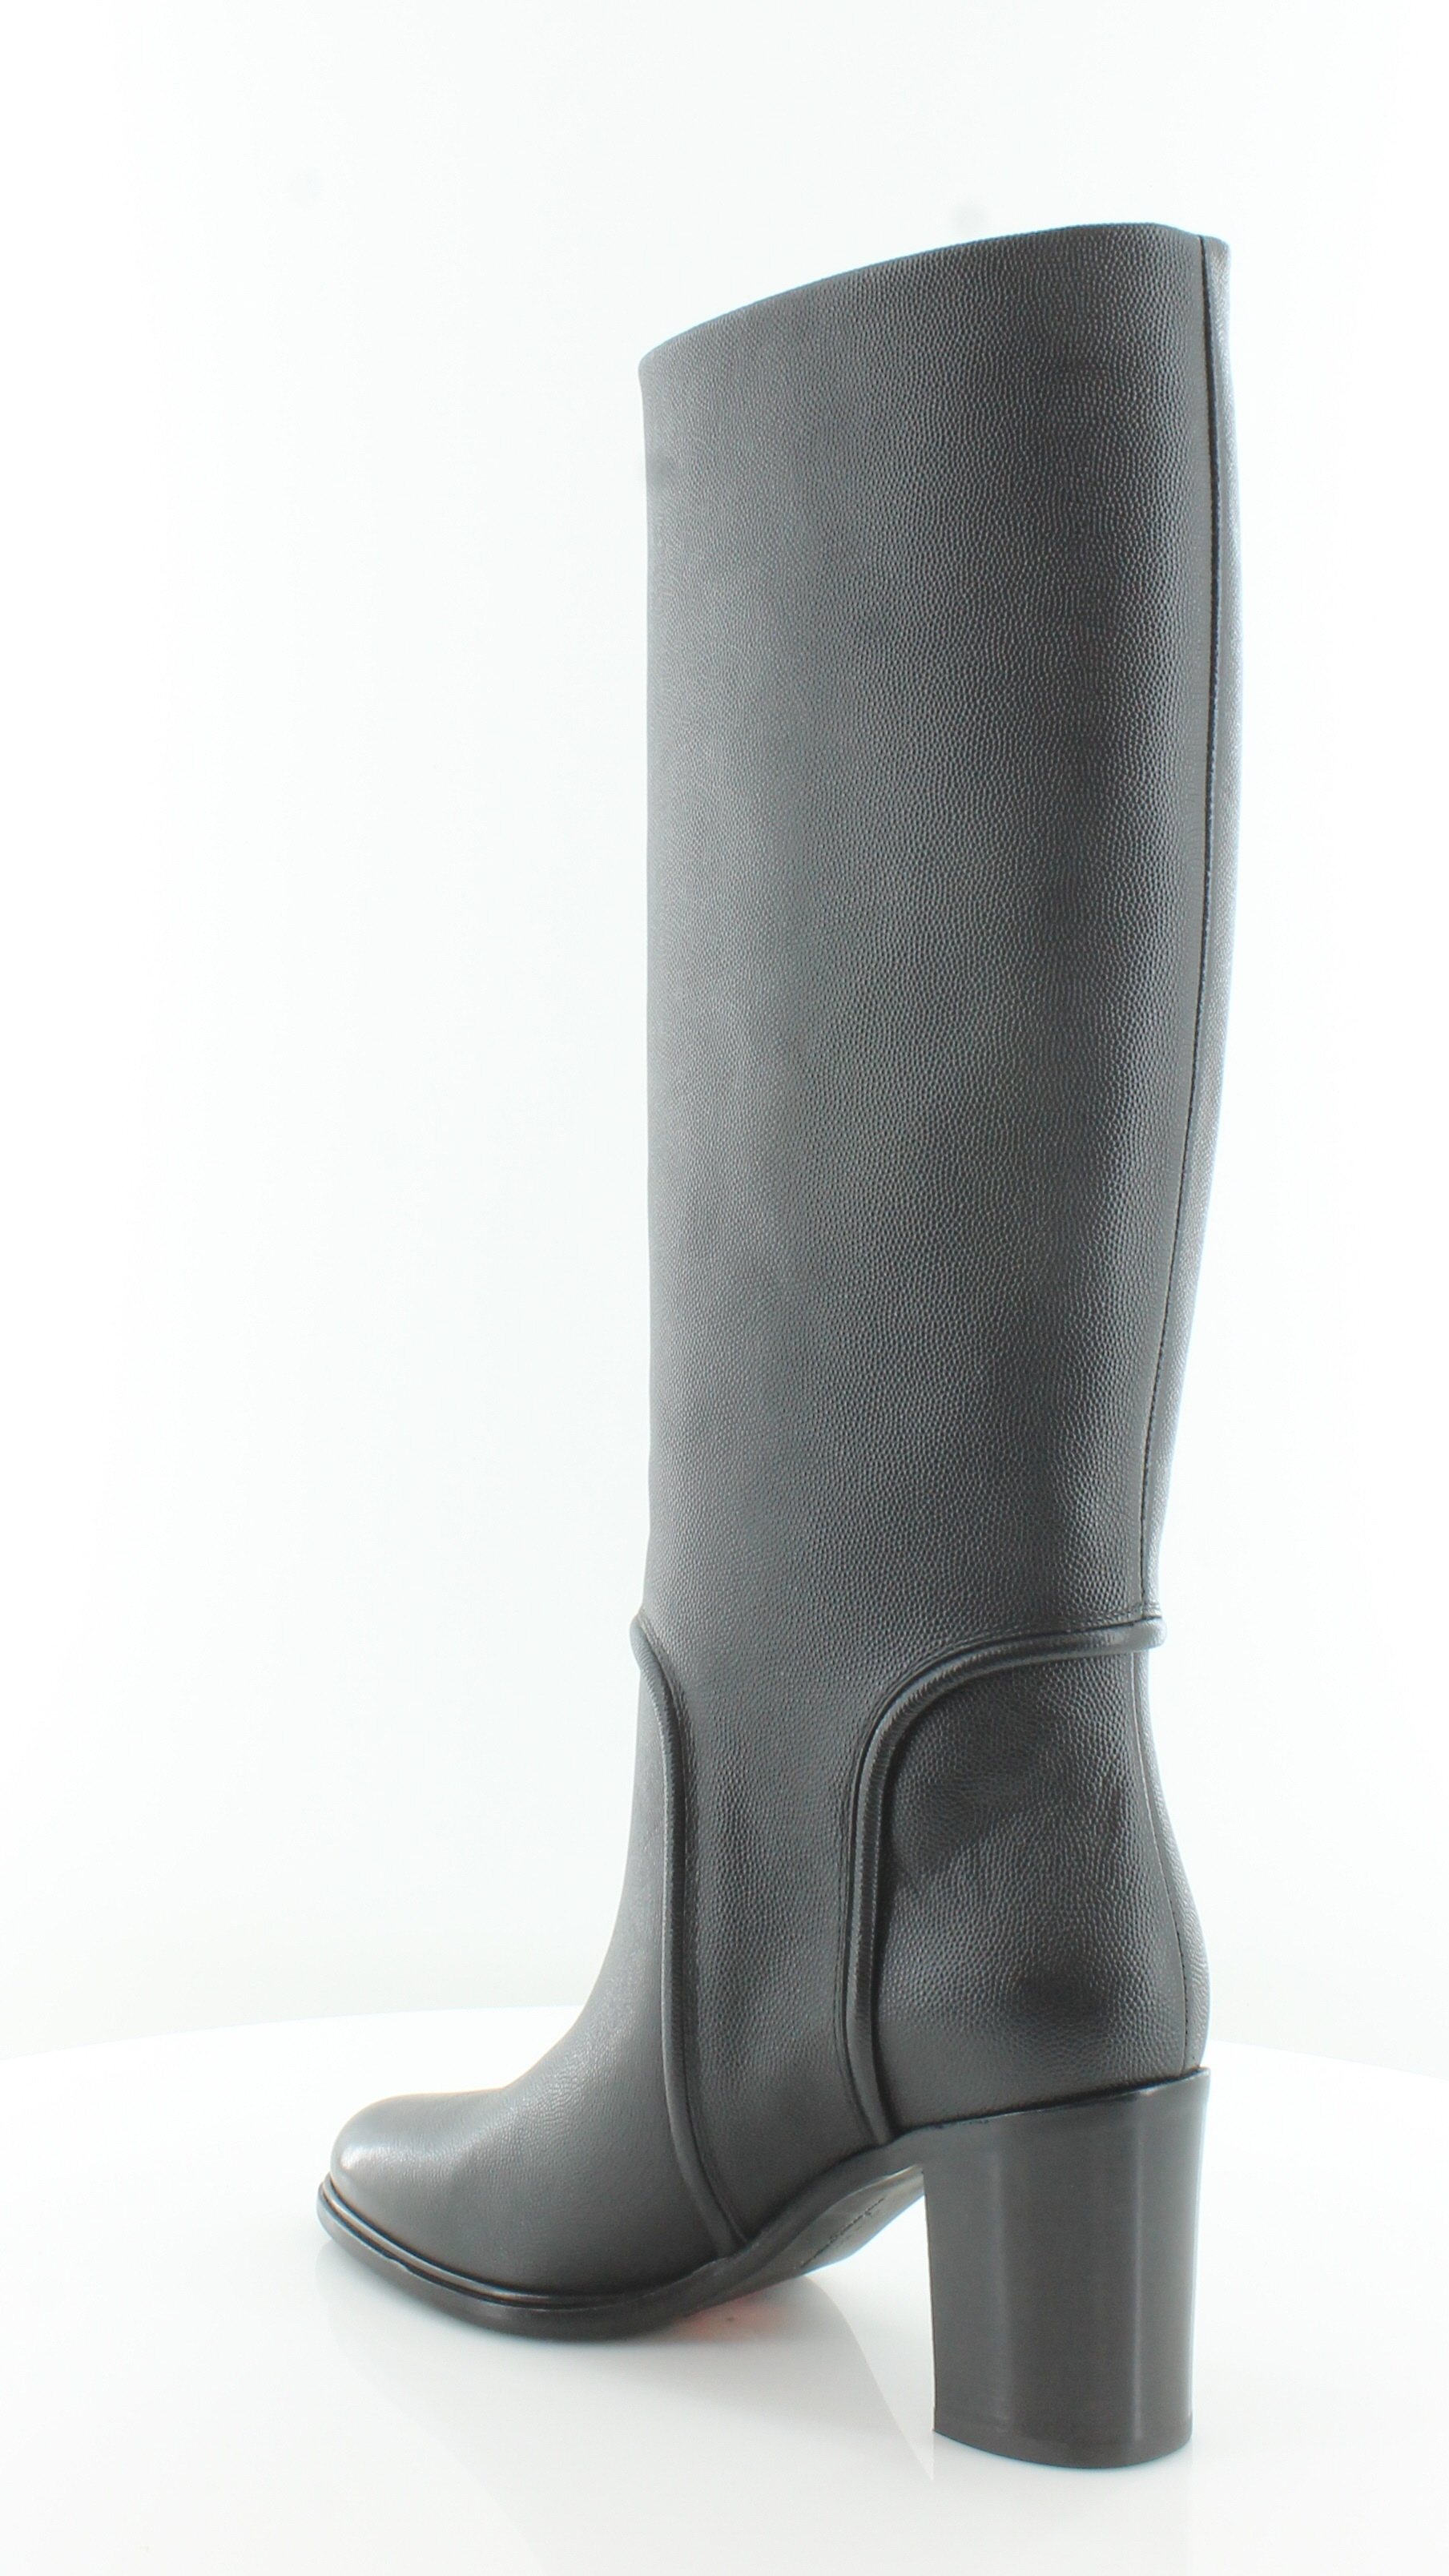 712b1a8d7ae8 Salvatore Ferragamo Flavius Black Womens Shoes Size 8 M Boots MSRP ...